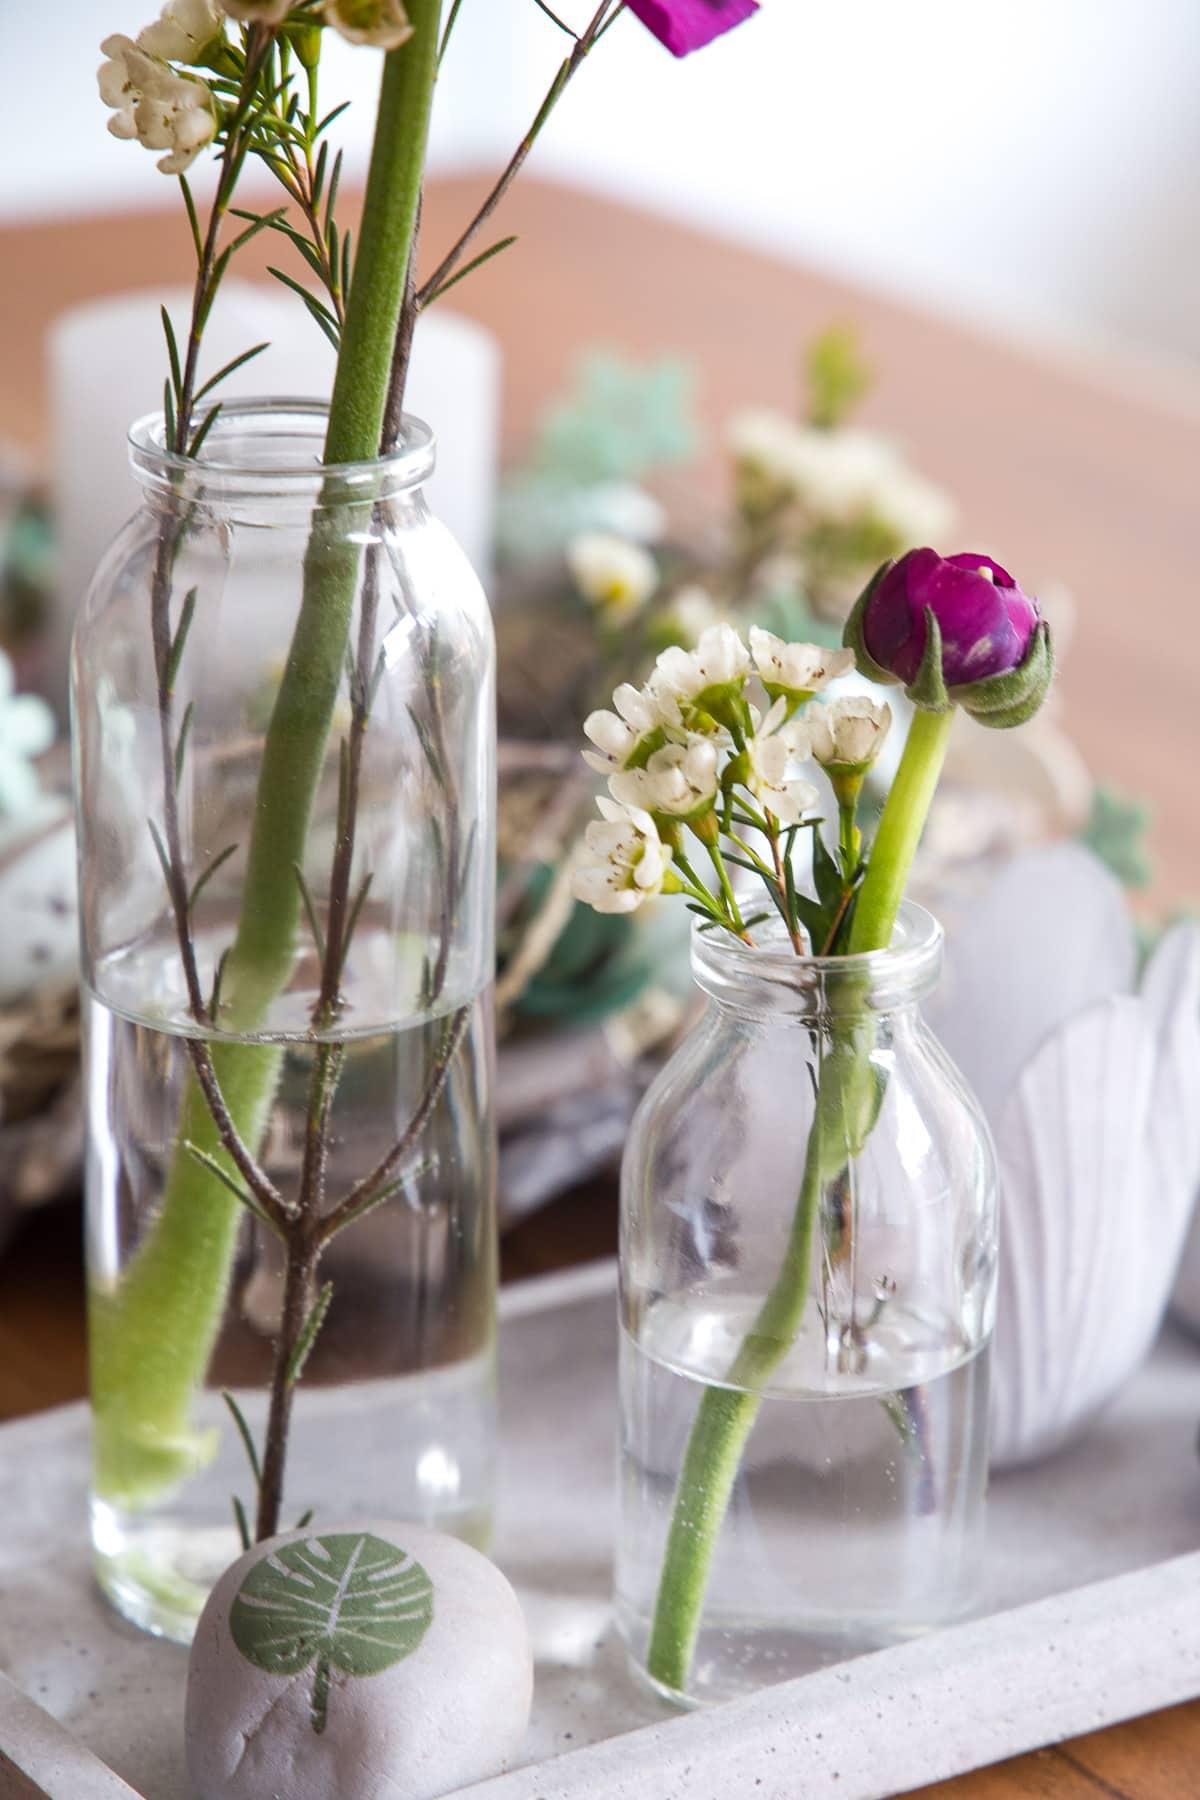 Einzelne Schnittblumen arrangieren - günstig & frühlingshaft